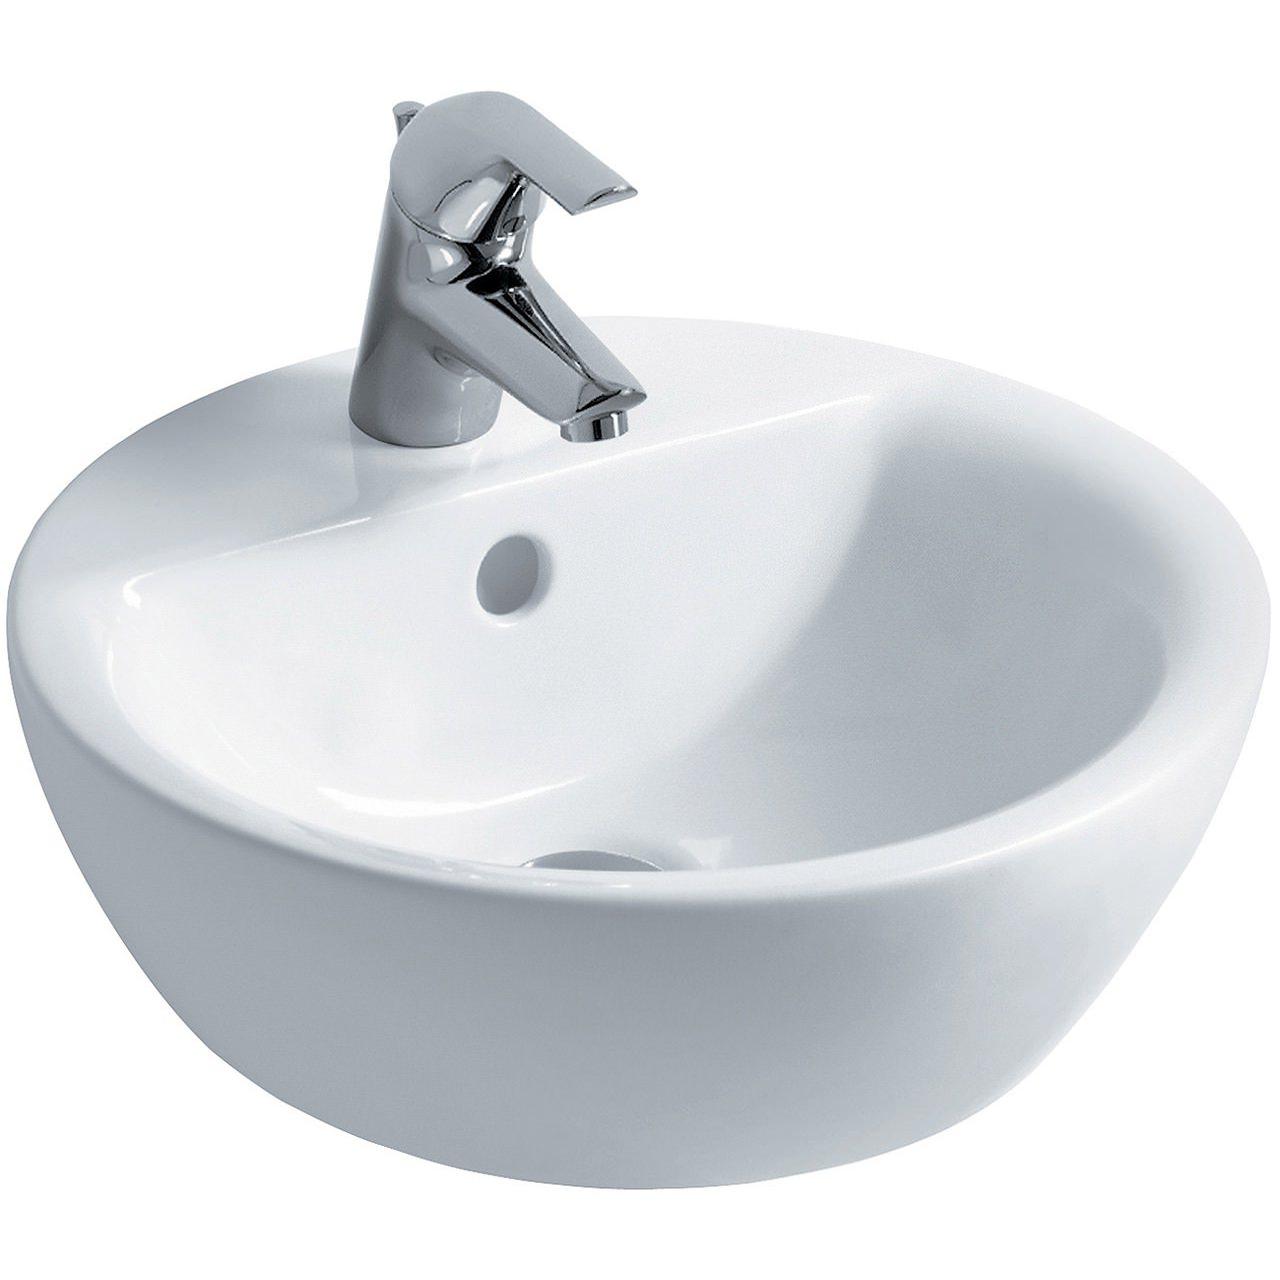 ideal standard concept bathroom suite qs supplies concept sphere 430mm vessel basin e803901